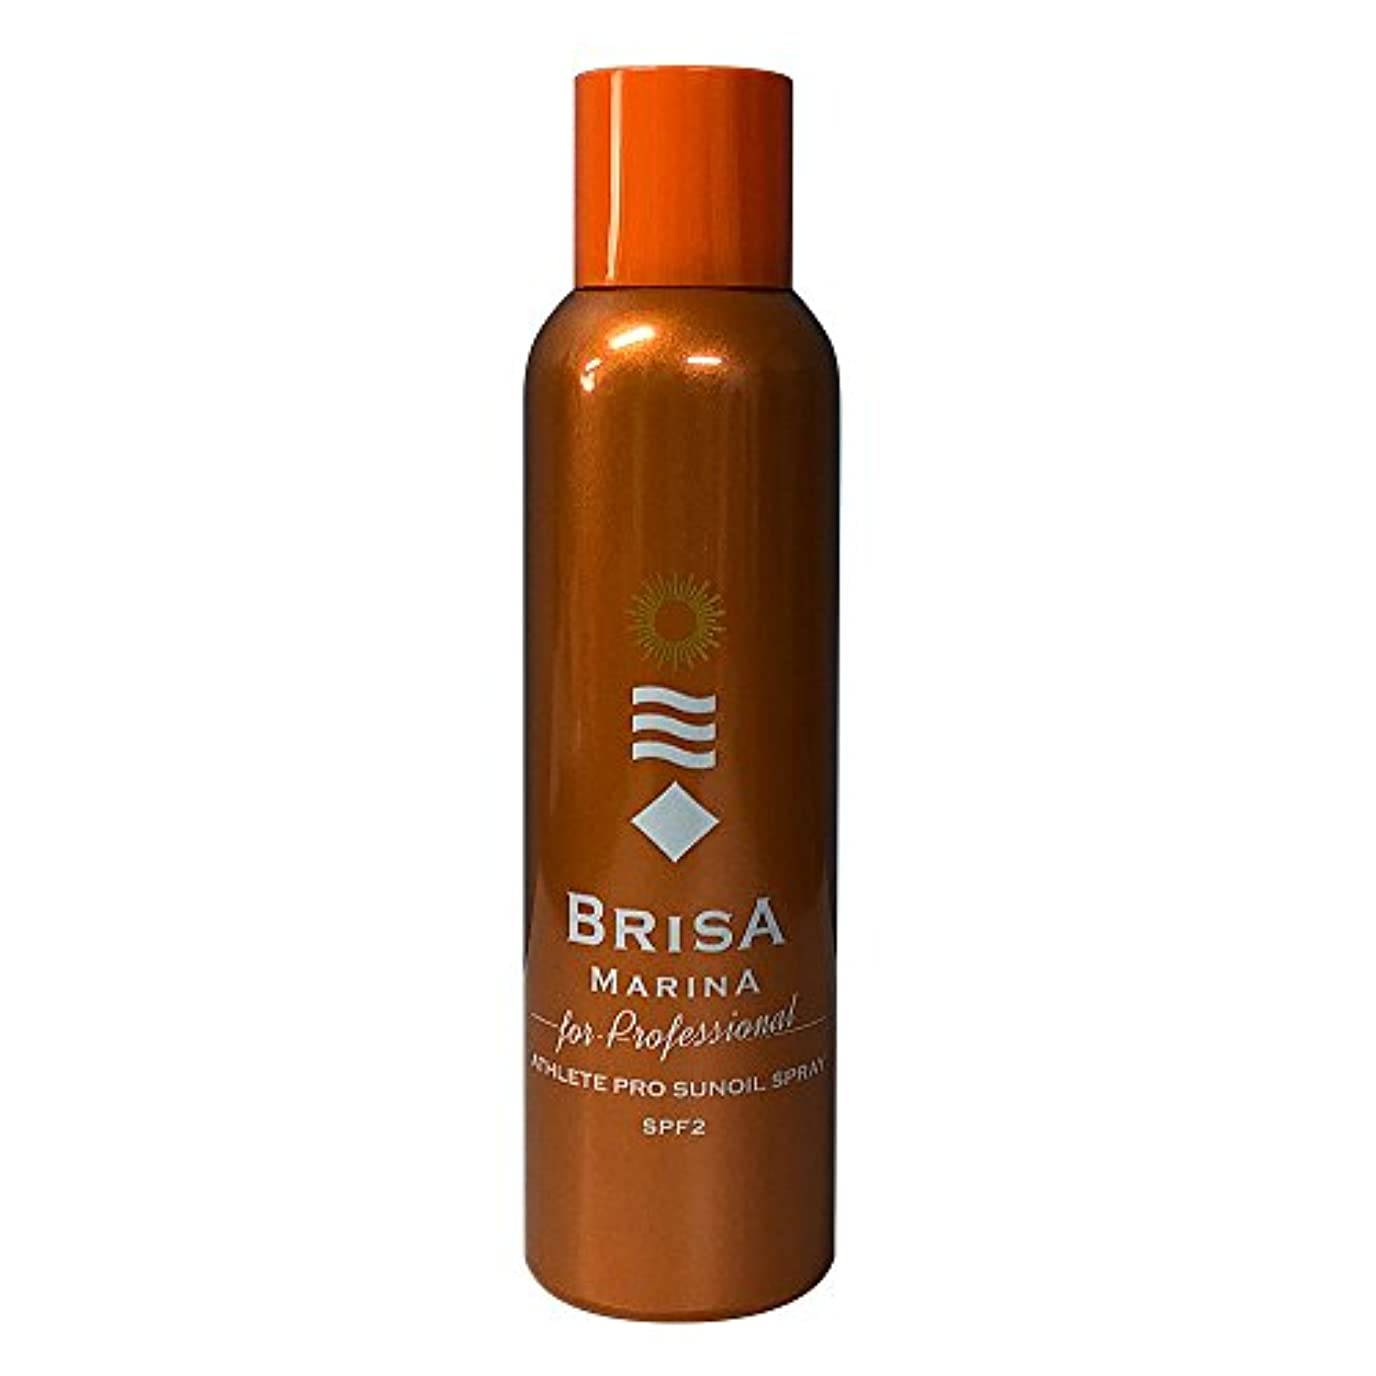 メダリスト味わう百BRISA MARINA(ブリサ マリーナ) アスリートプロ サンオイルスプレー [SPF2] Professional Edition [アスリートプロ 日焼け用スプレー] Z-0CBM0016610